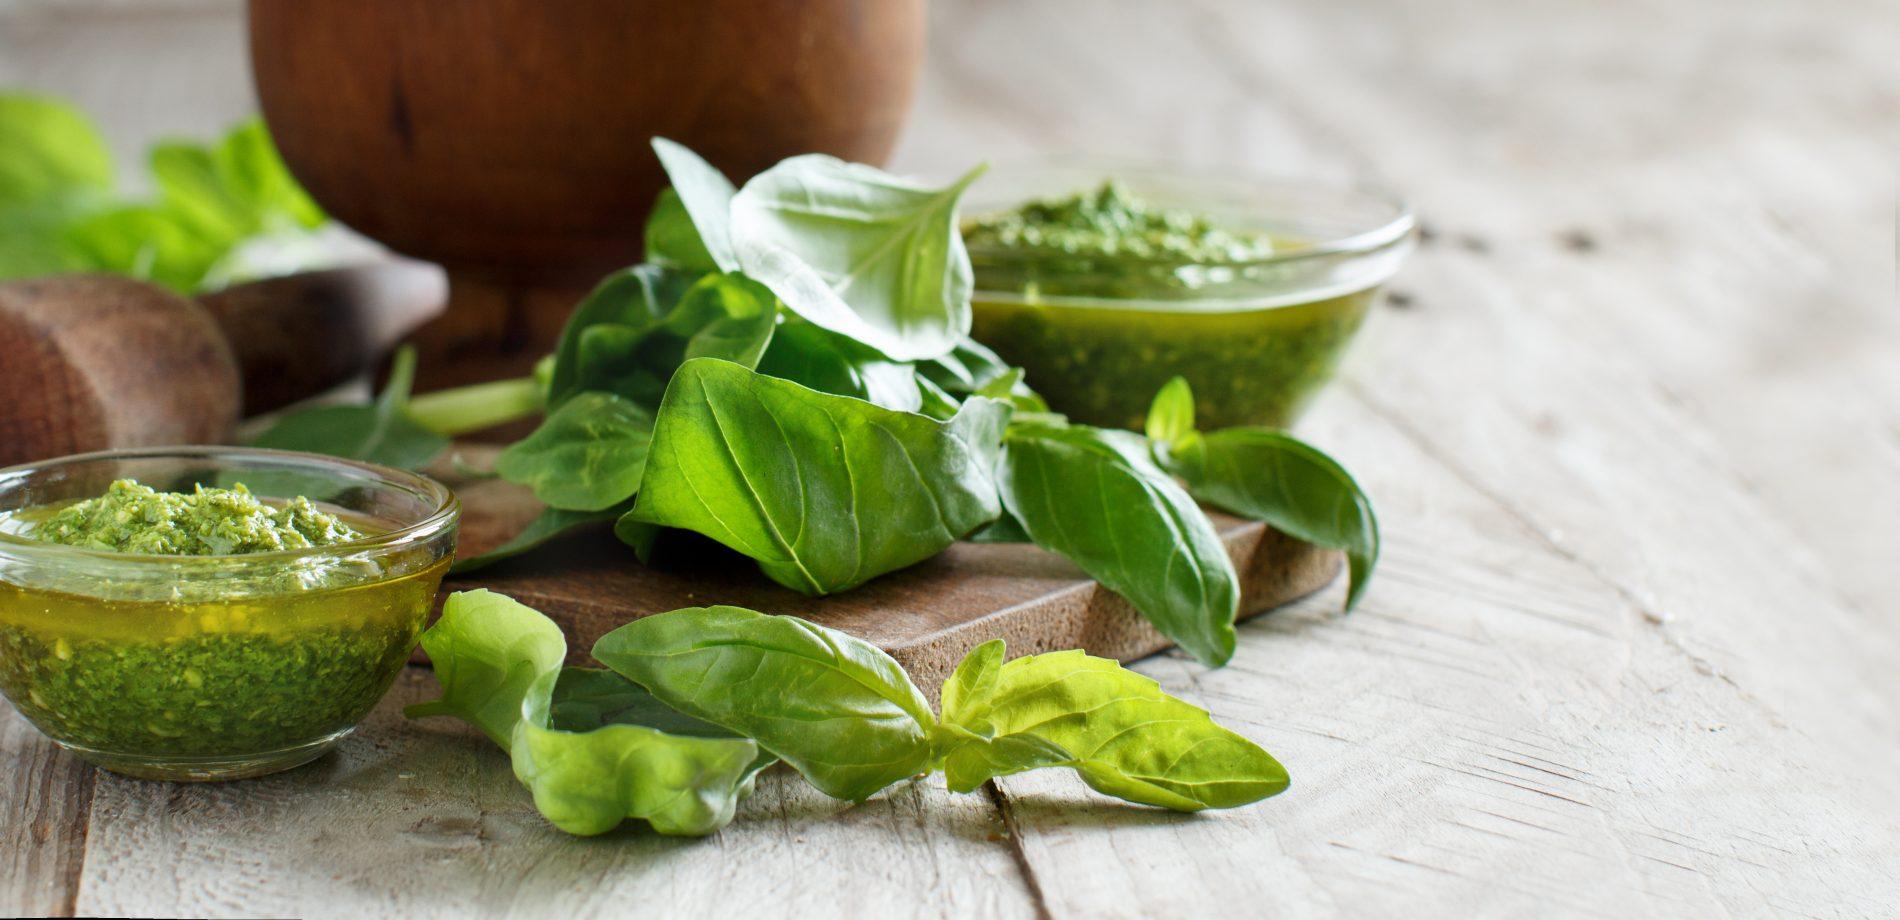 erbe aromatiche: basilico